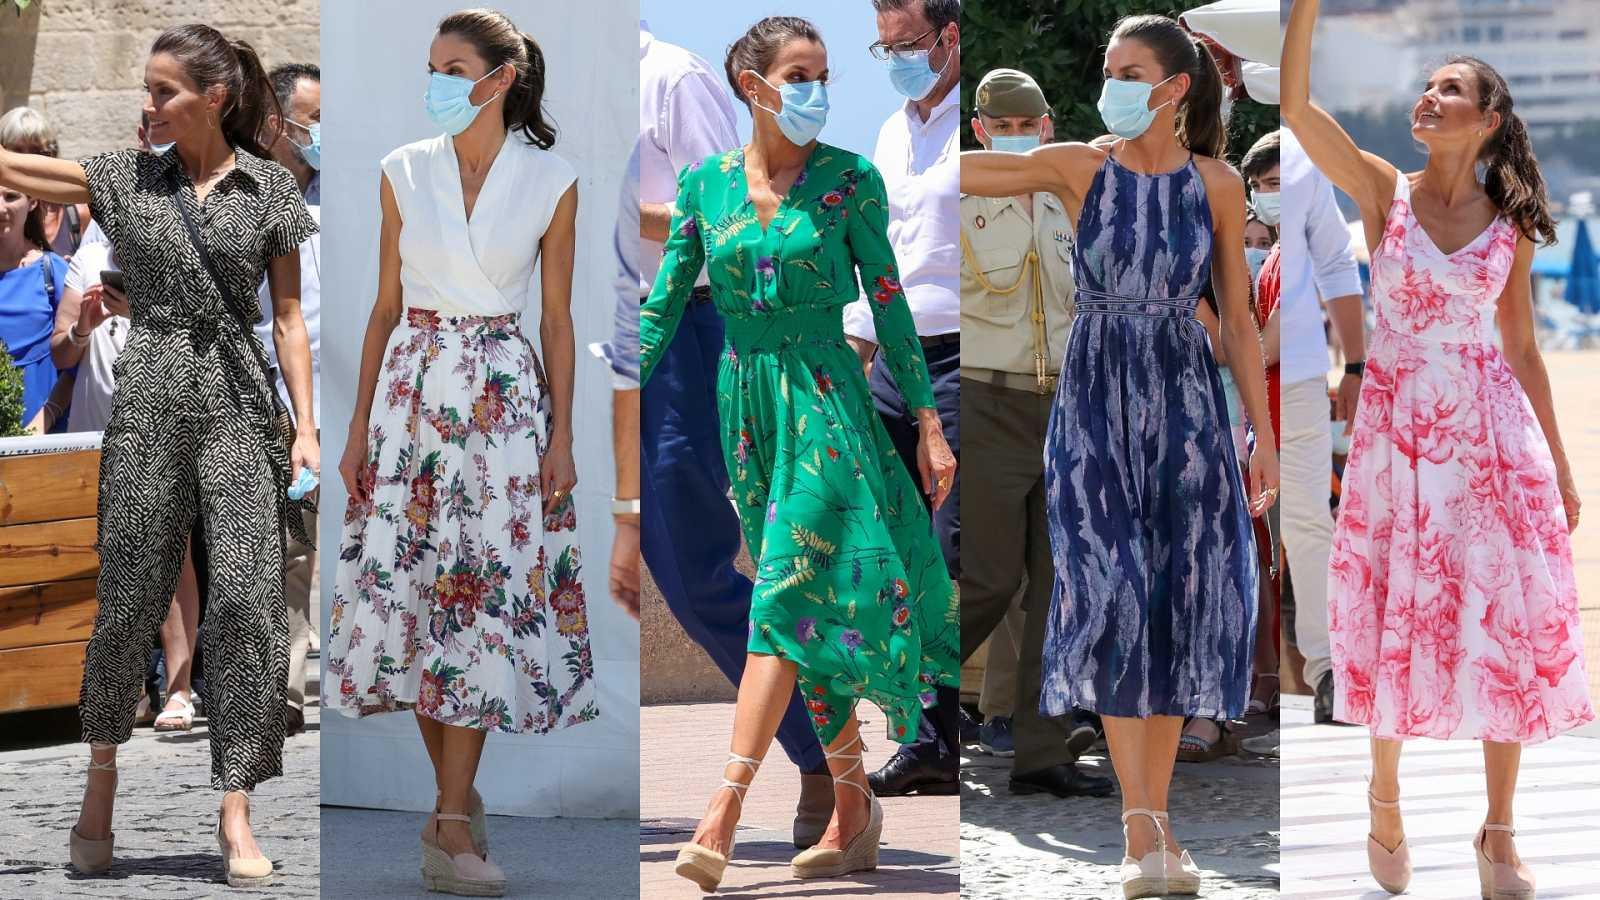 Los 'looks' de la reina Letizia en su gira veraniega por España